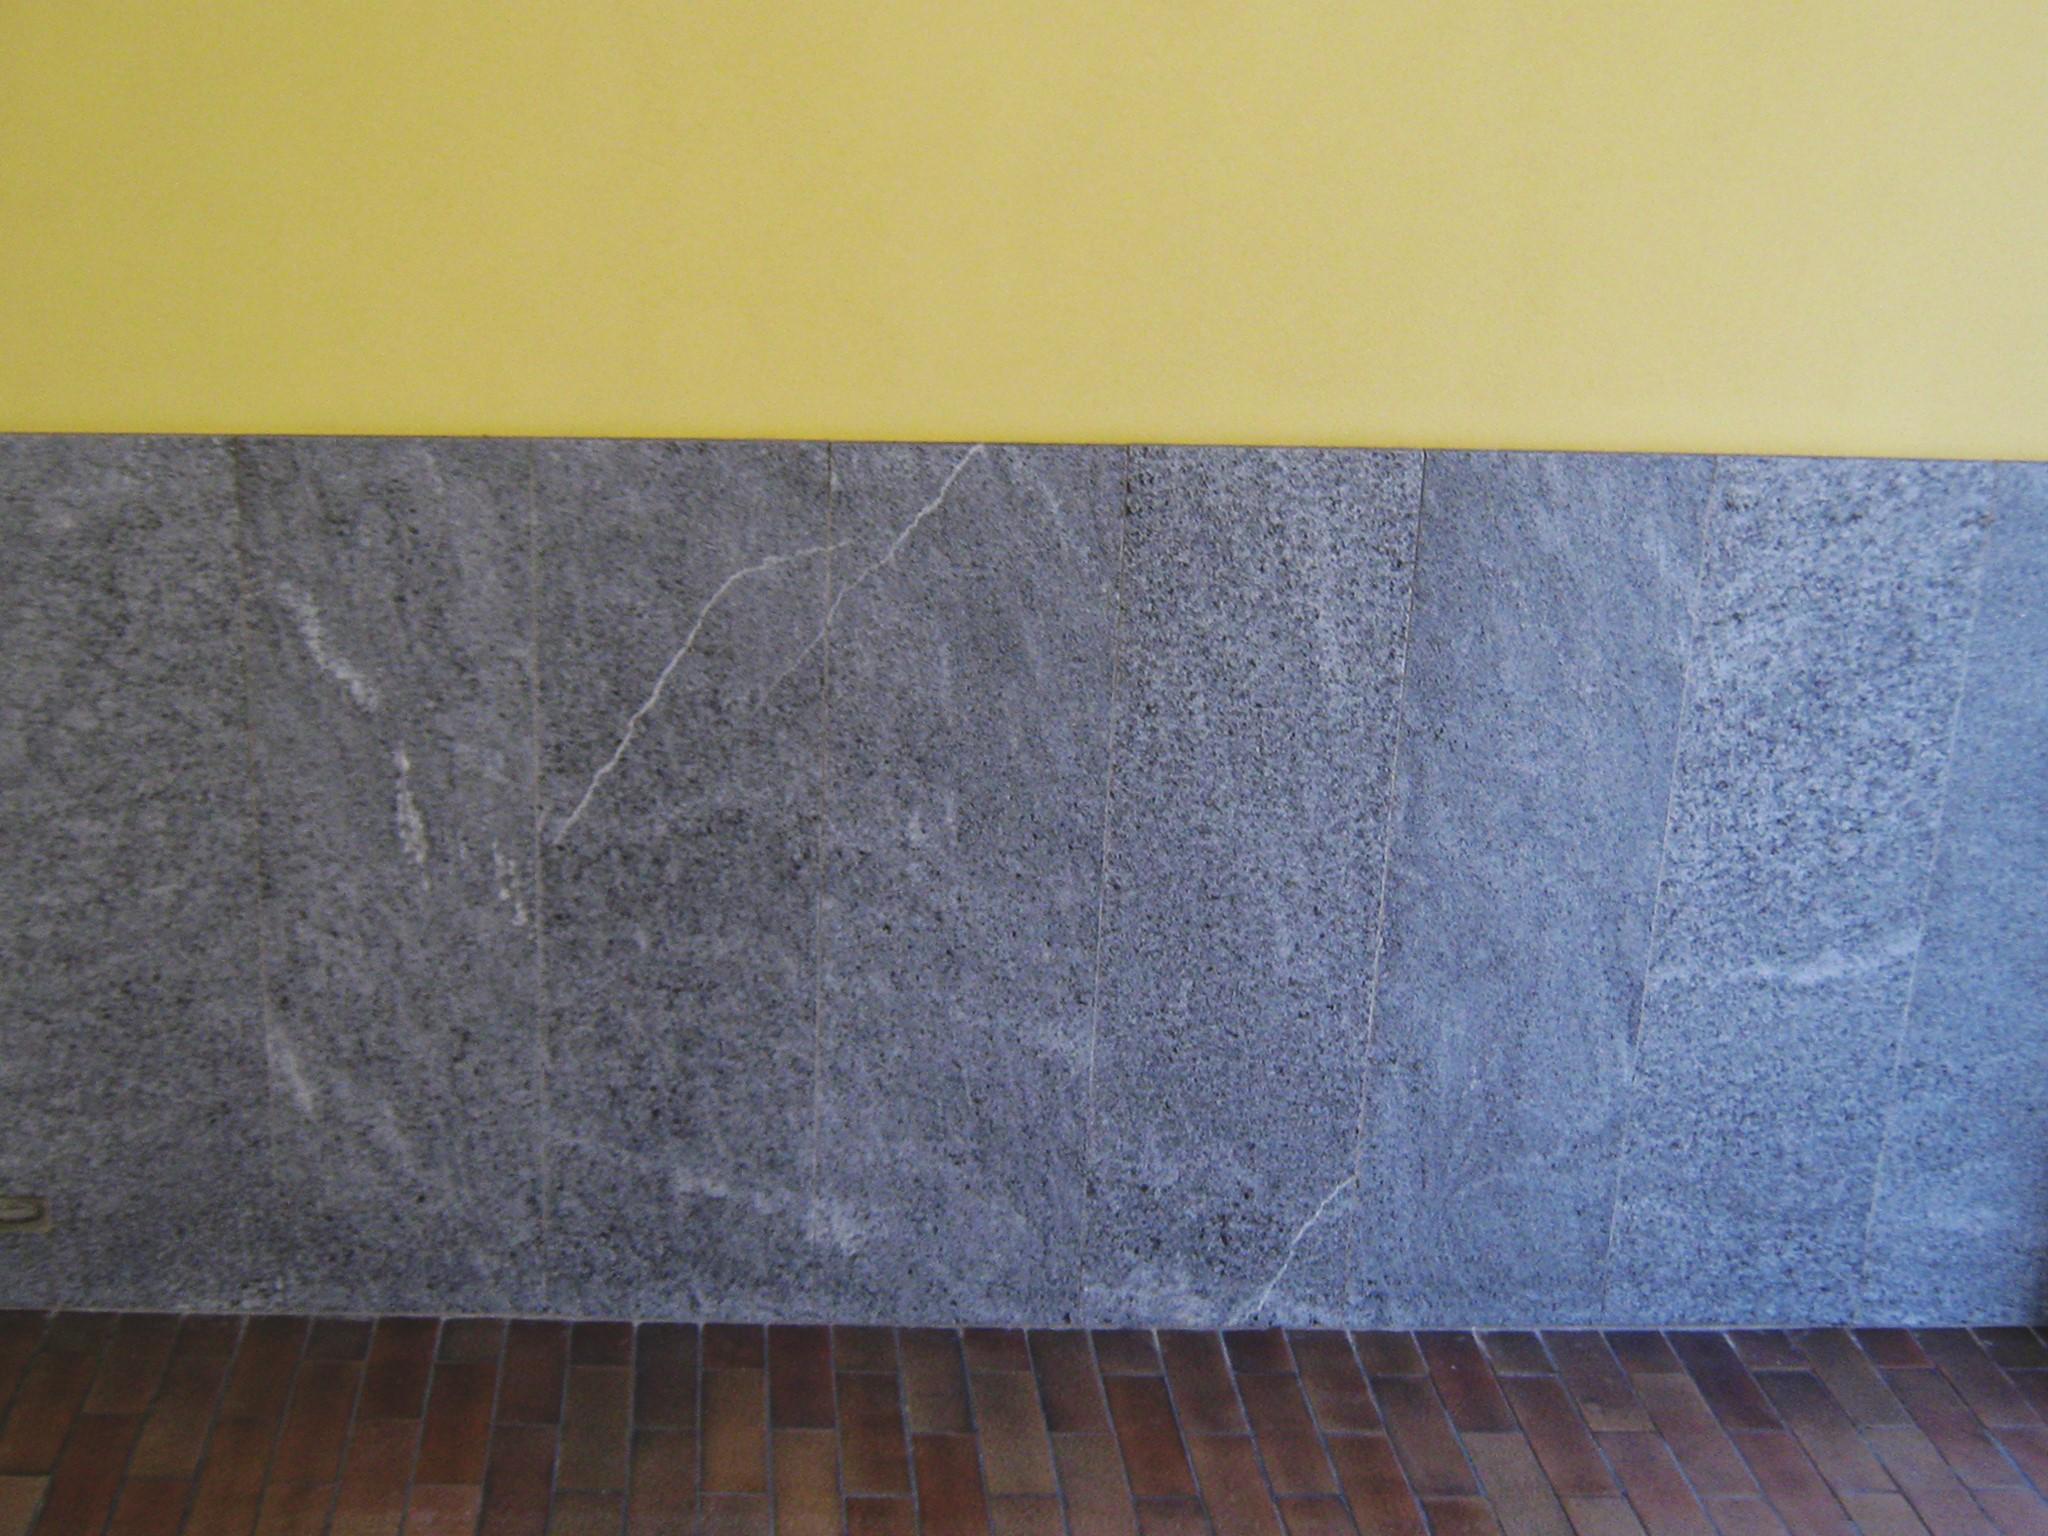 18. Particolare basamento atrio di ingresso condominiale in lastre di marmo Beola grigio scuro: lavori ultimati.